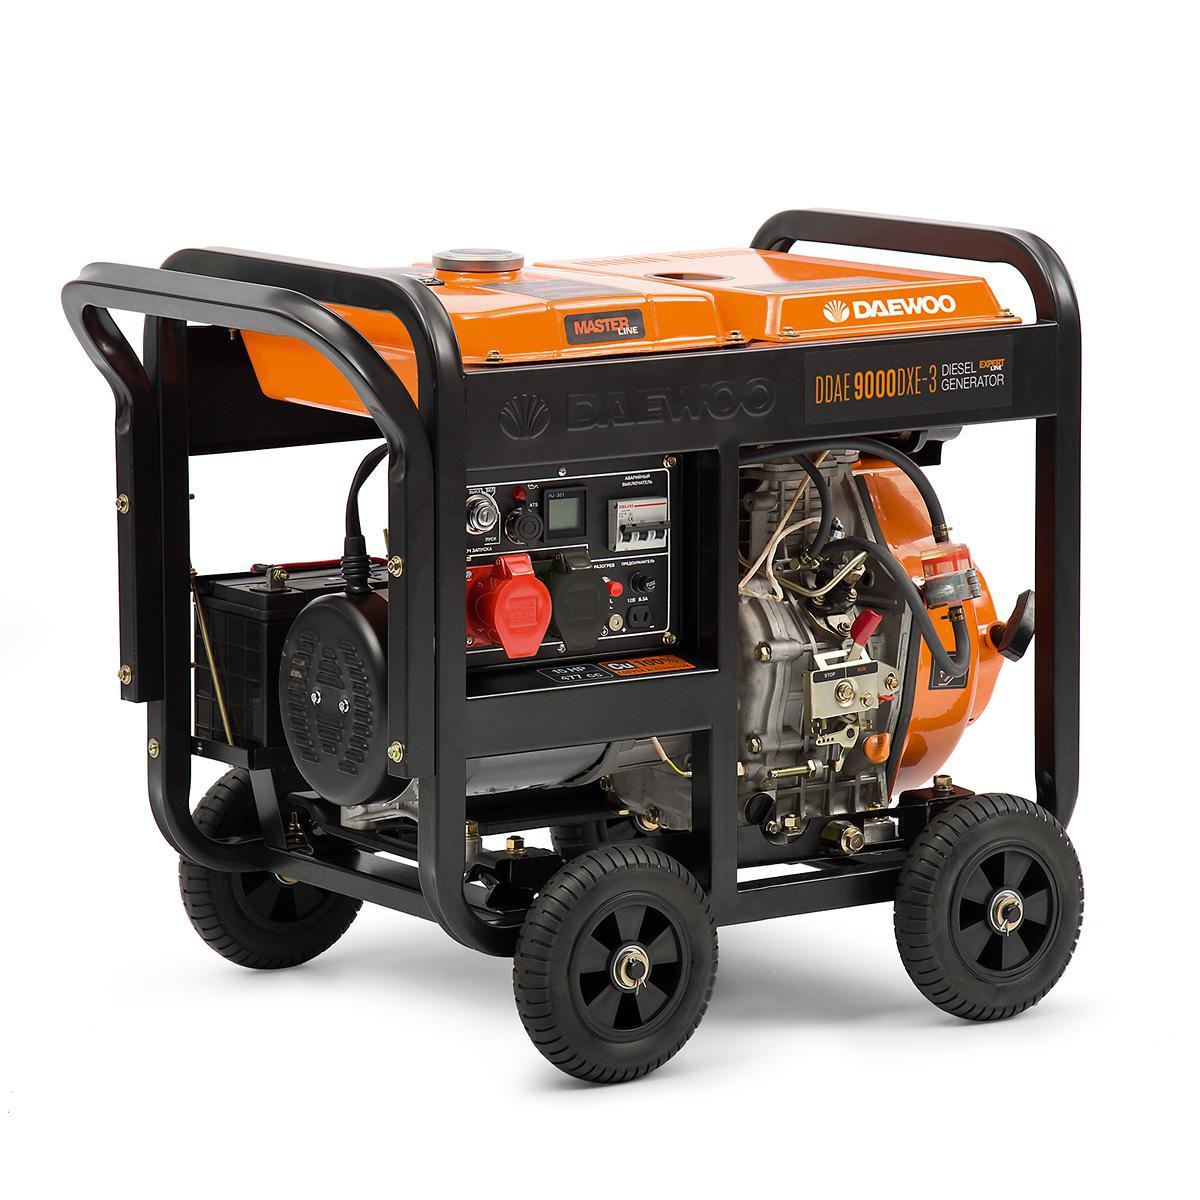 Дизельный генератор Daewoo Ddae900dxe-3